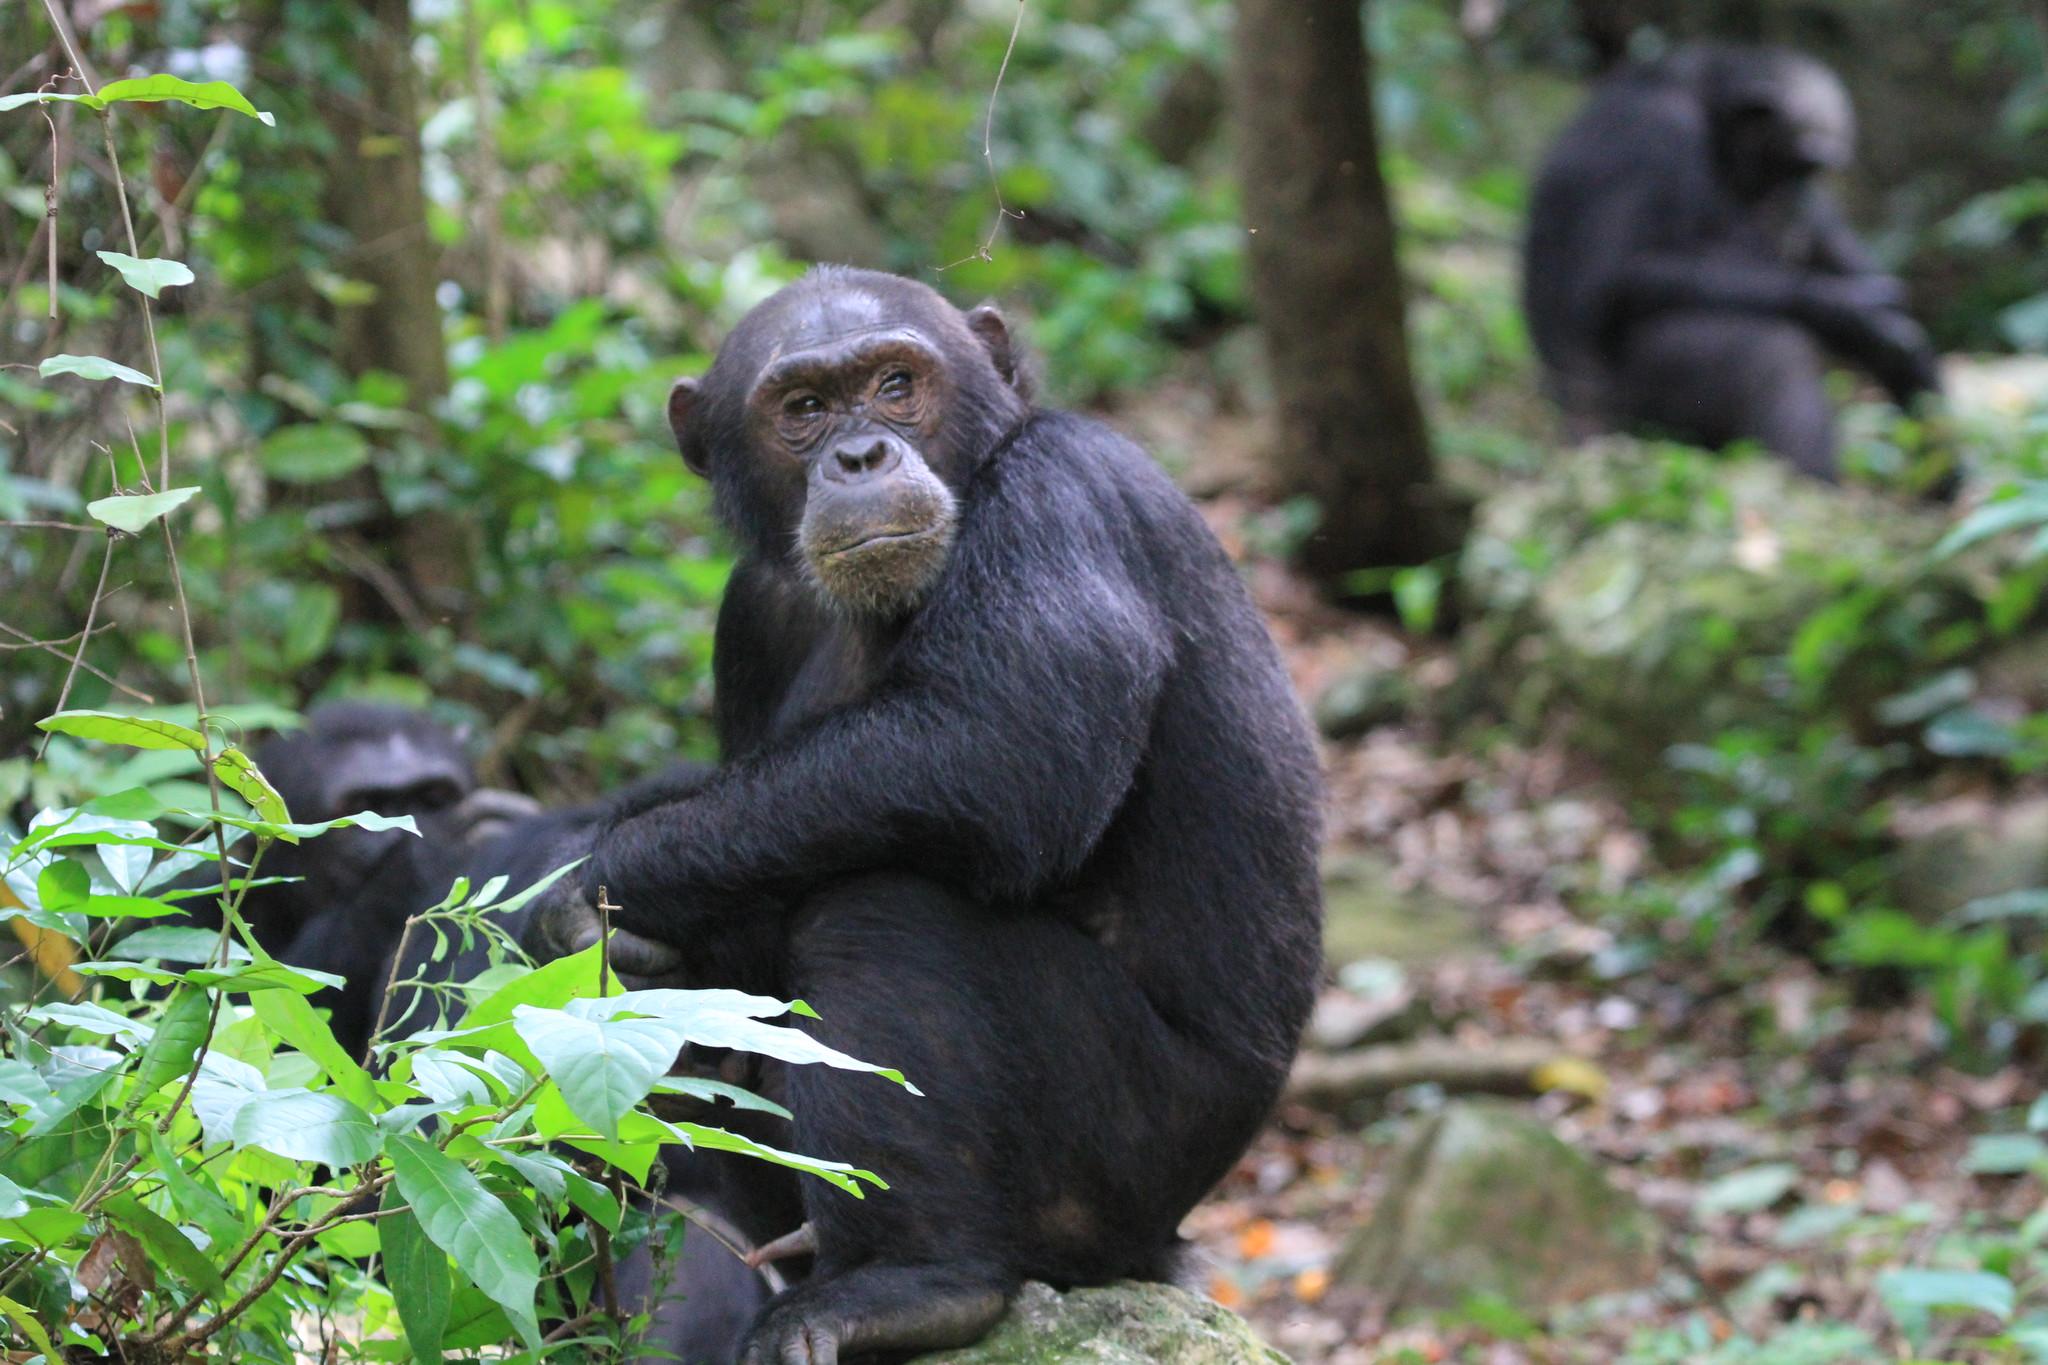 Die Beobachtung machten Forschende im Rahmen einer Langzeitstudie an wildlebenden Schimpansen